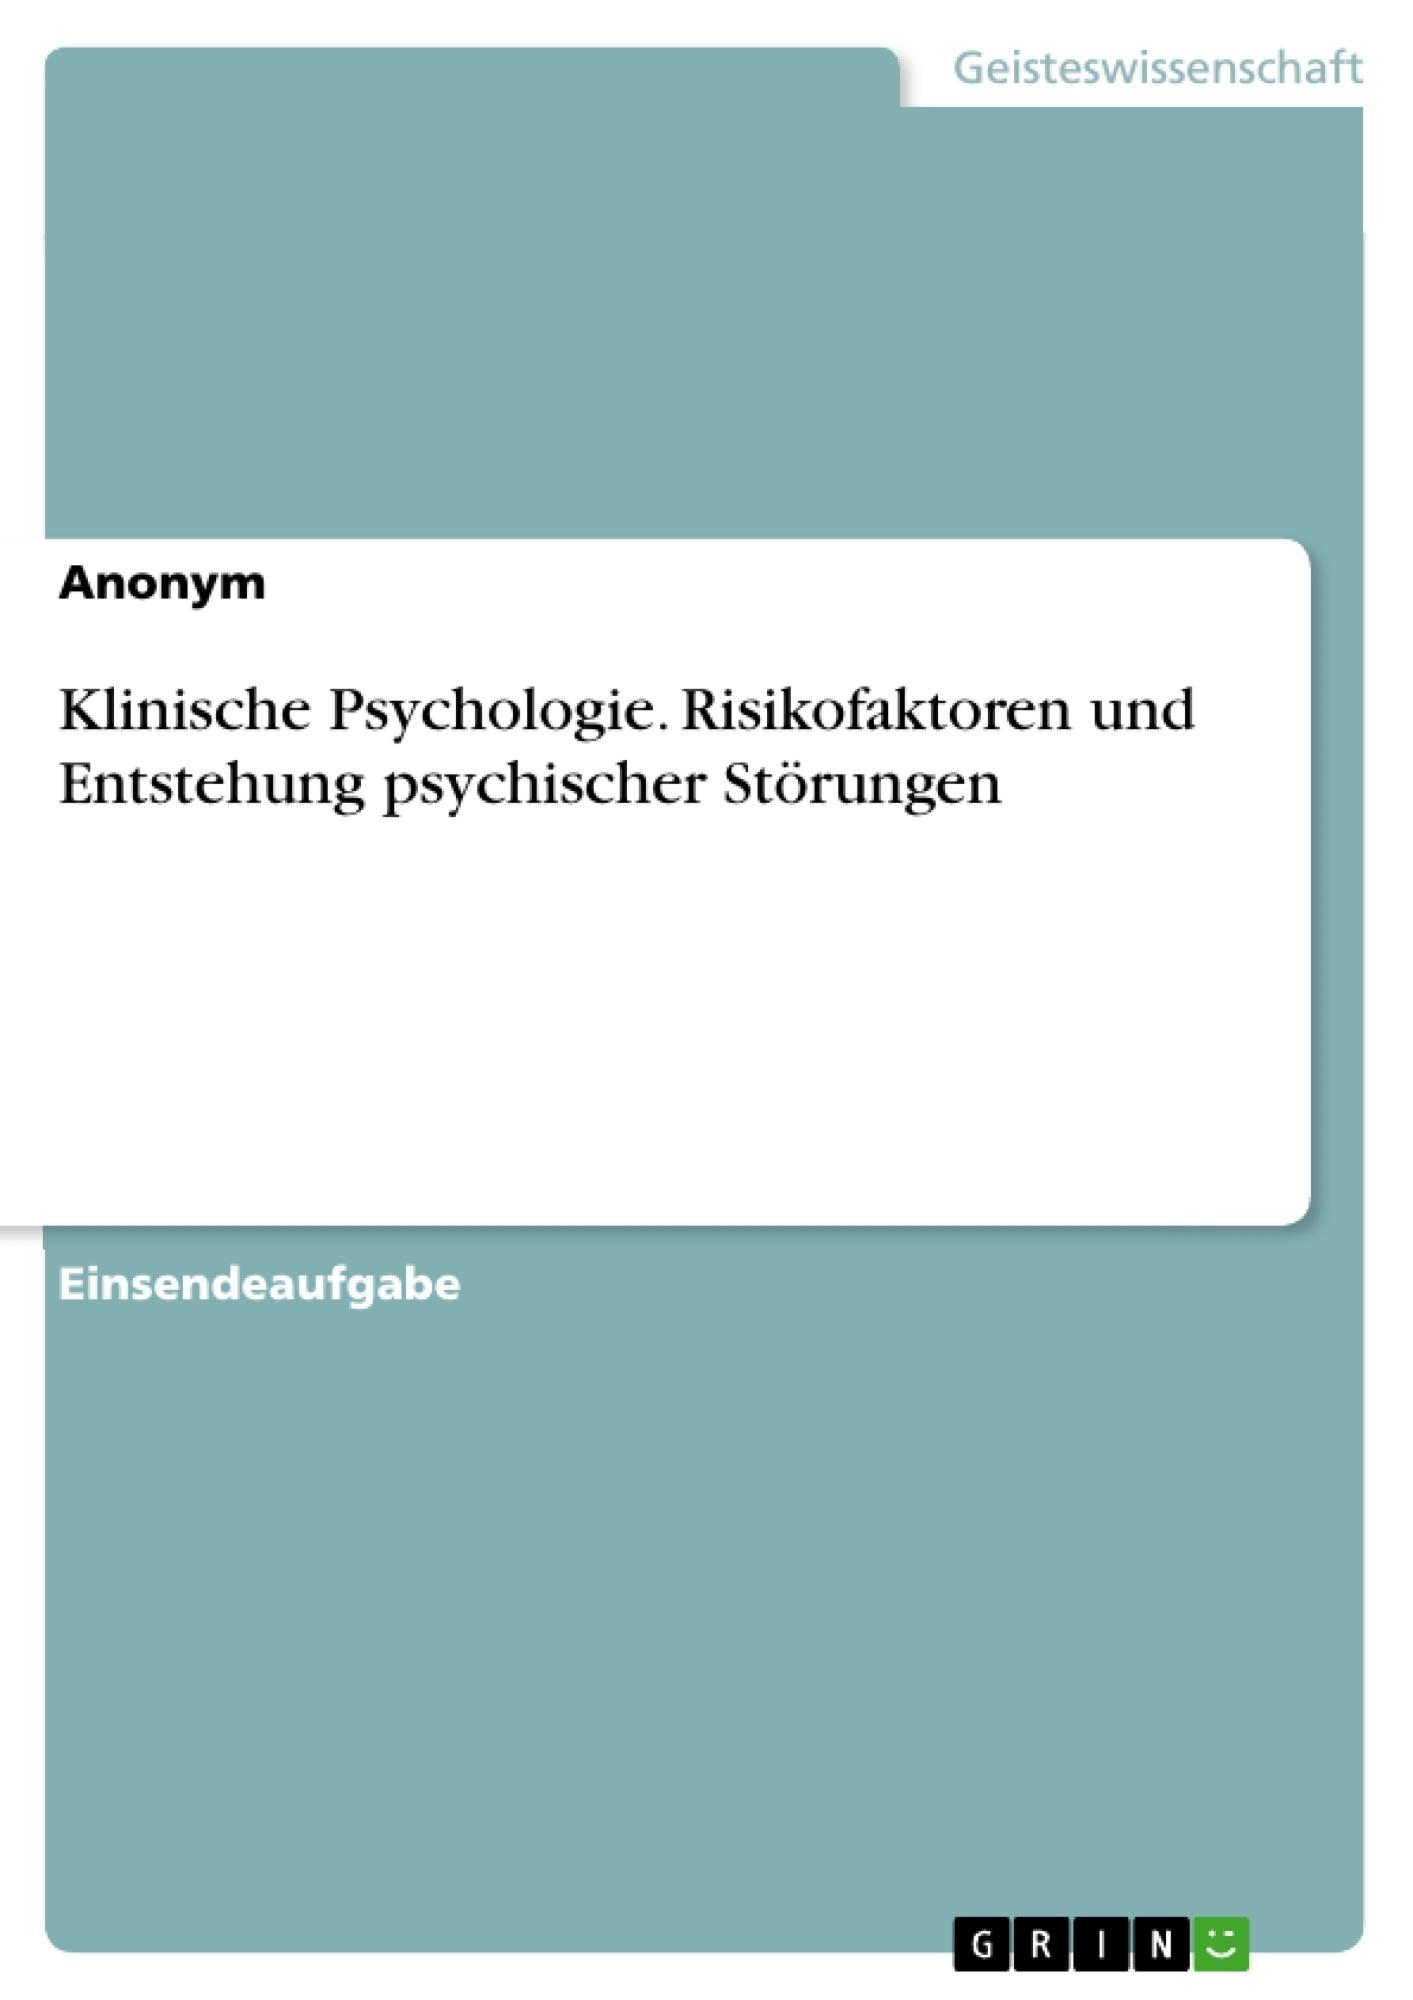 Titel: Klinische Psychologie. Risikofaktoren und Entstehung psychischer Störungen